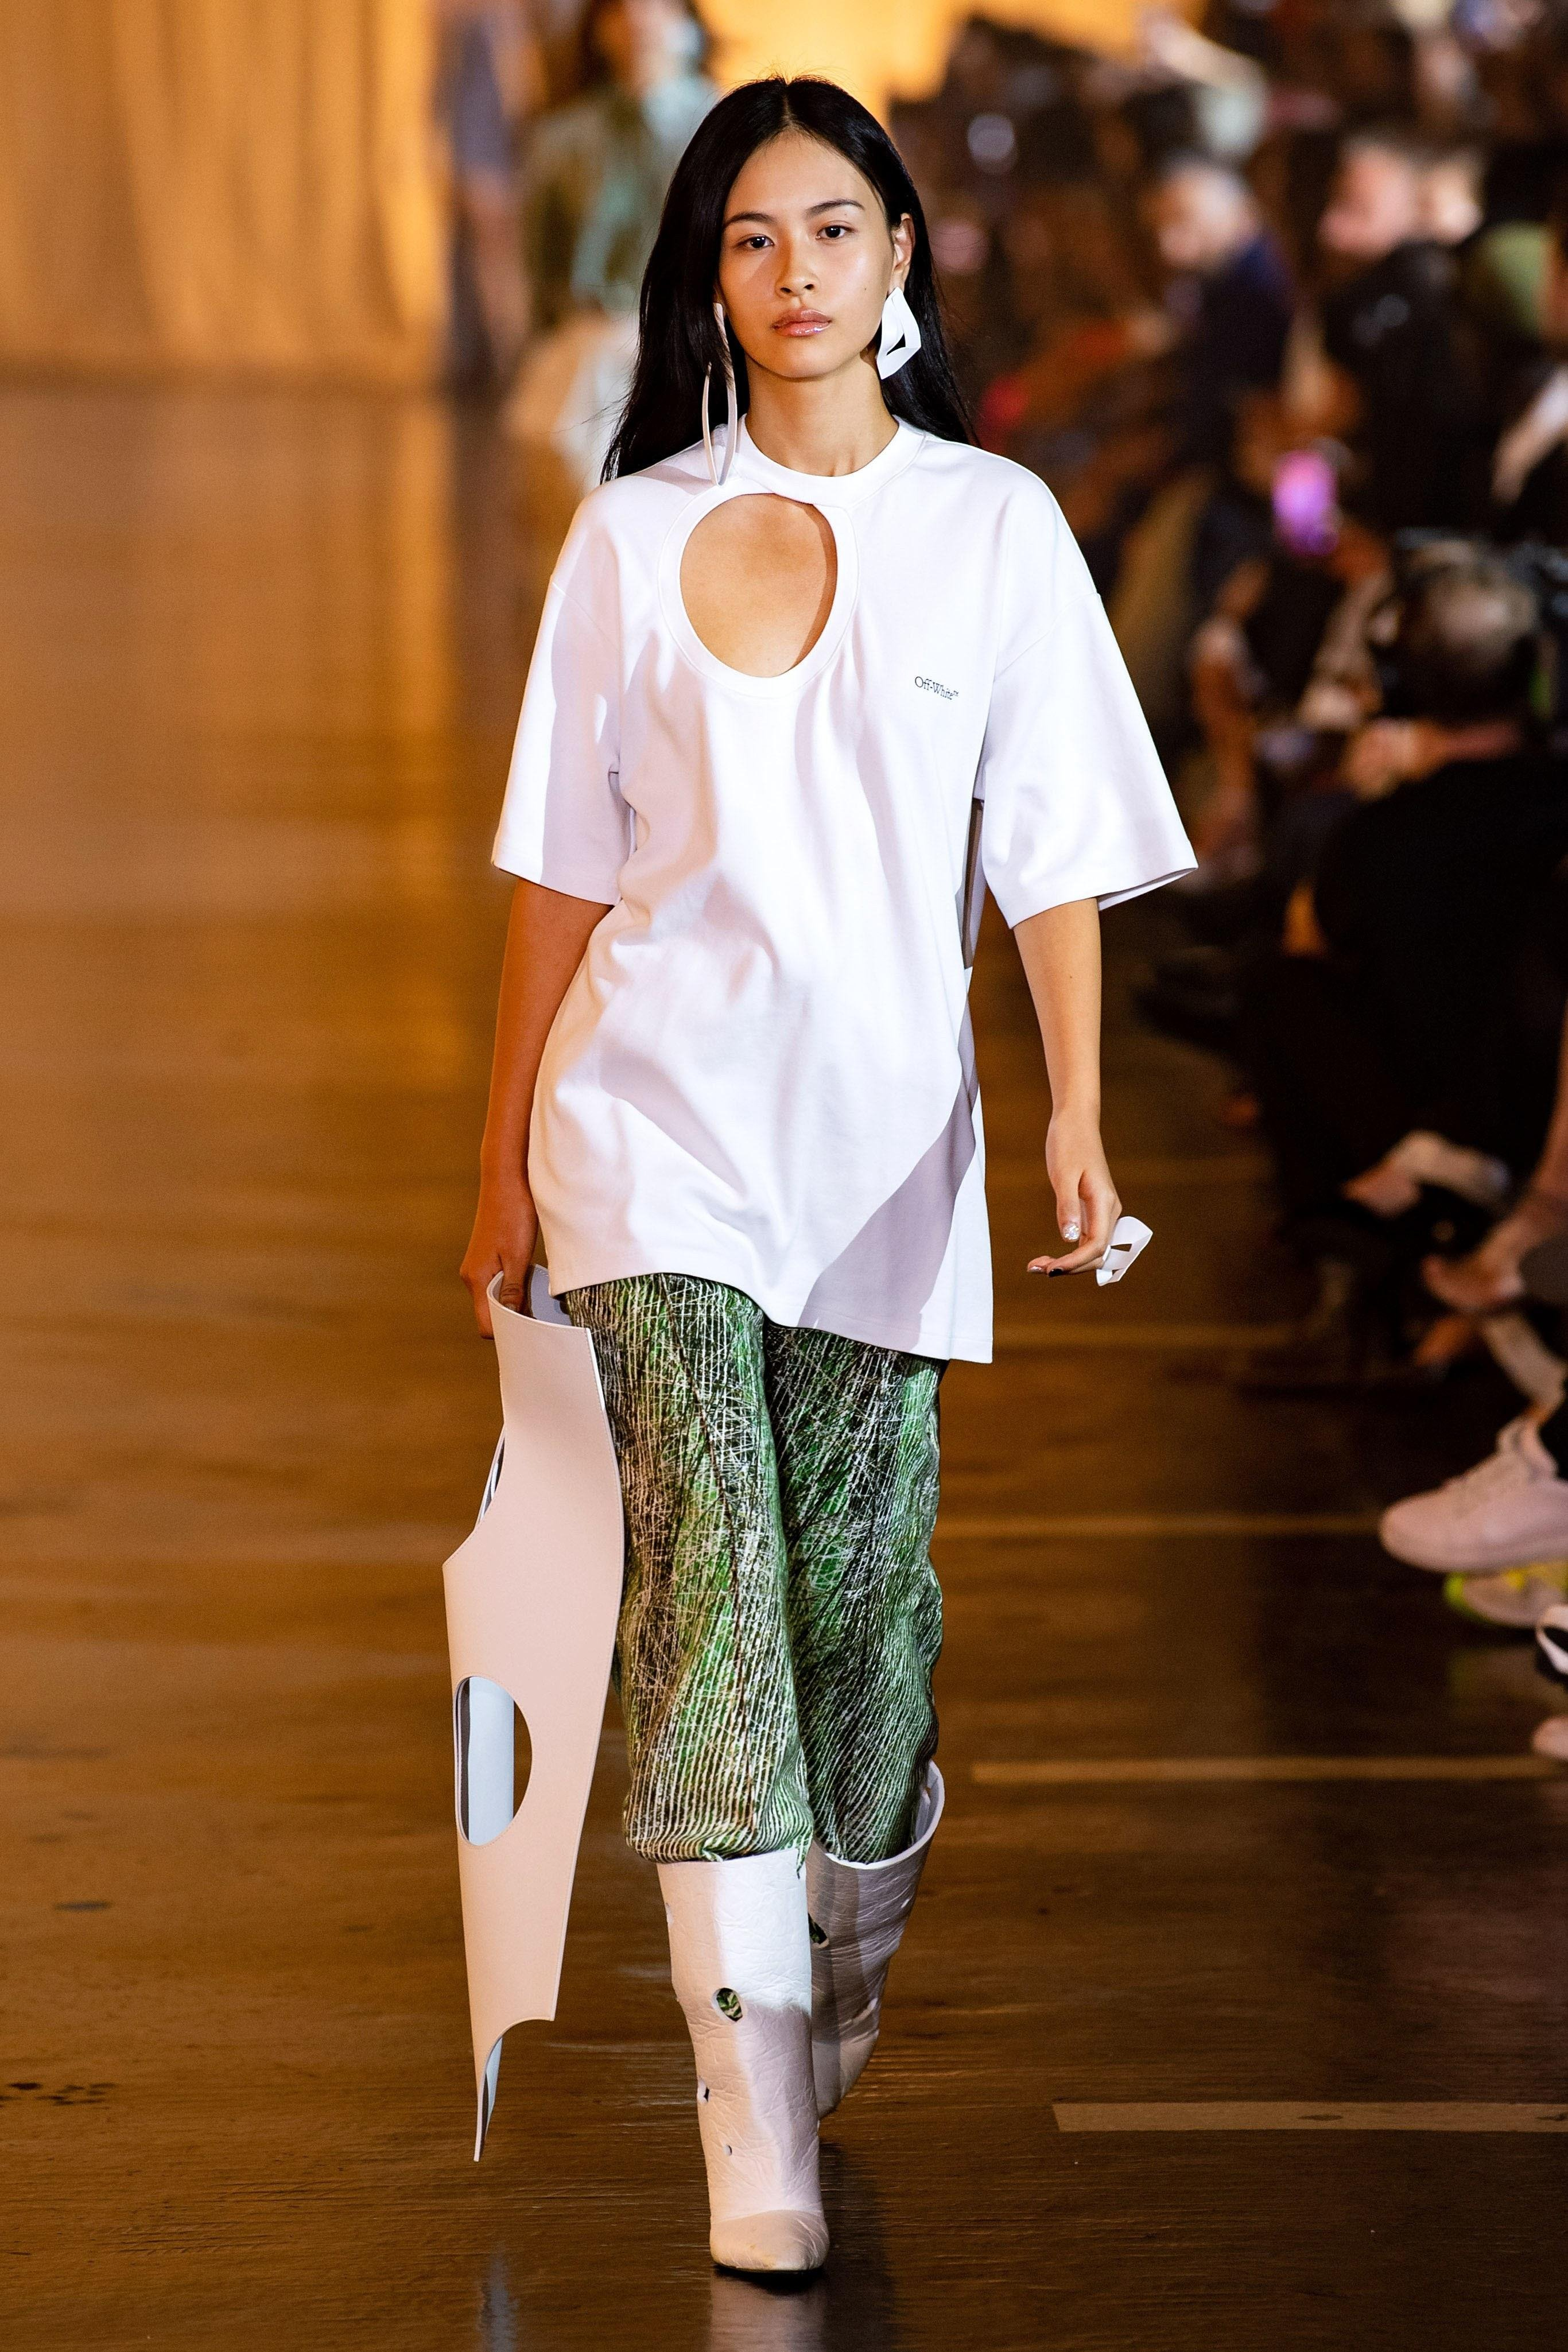 سترة كارديغان ملابس نسائية ملابس على الموضة آخر صيحات الموضة ربيع 2020